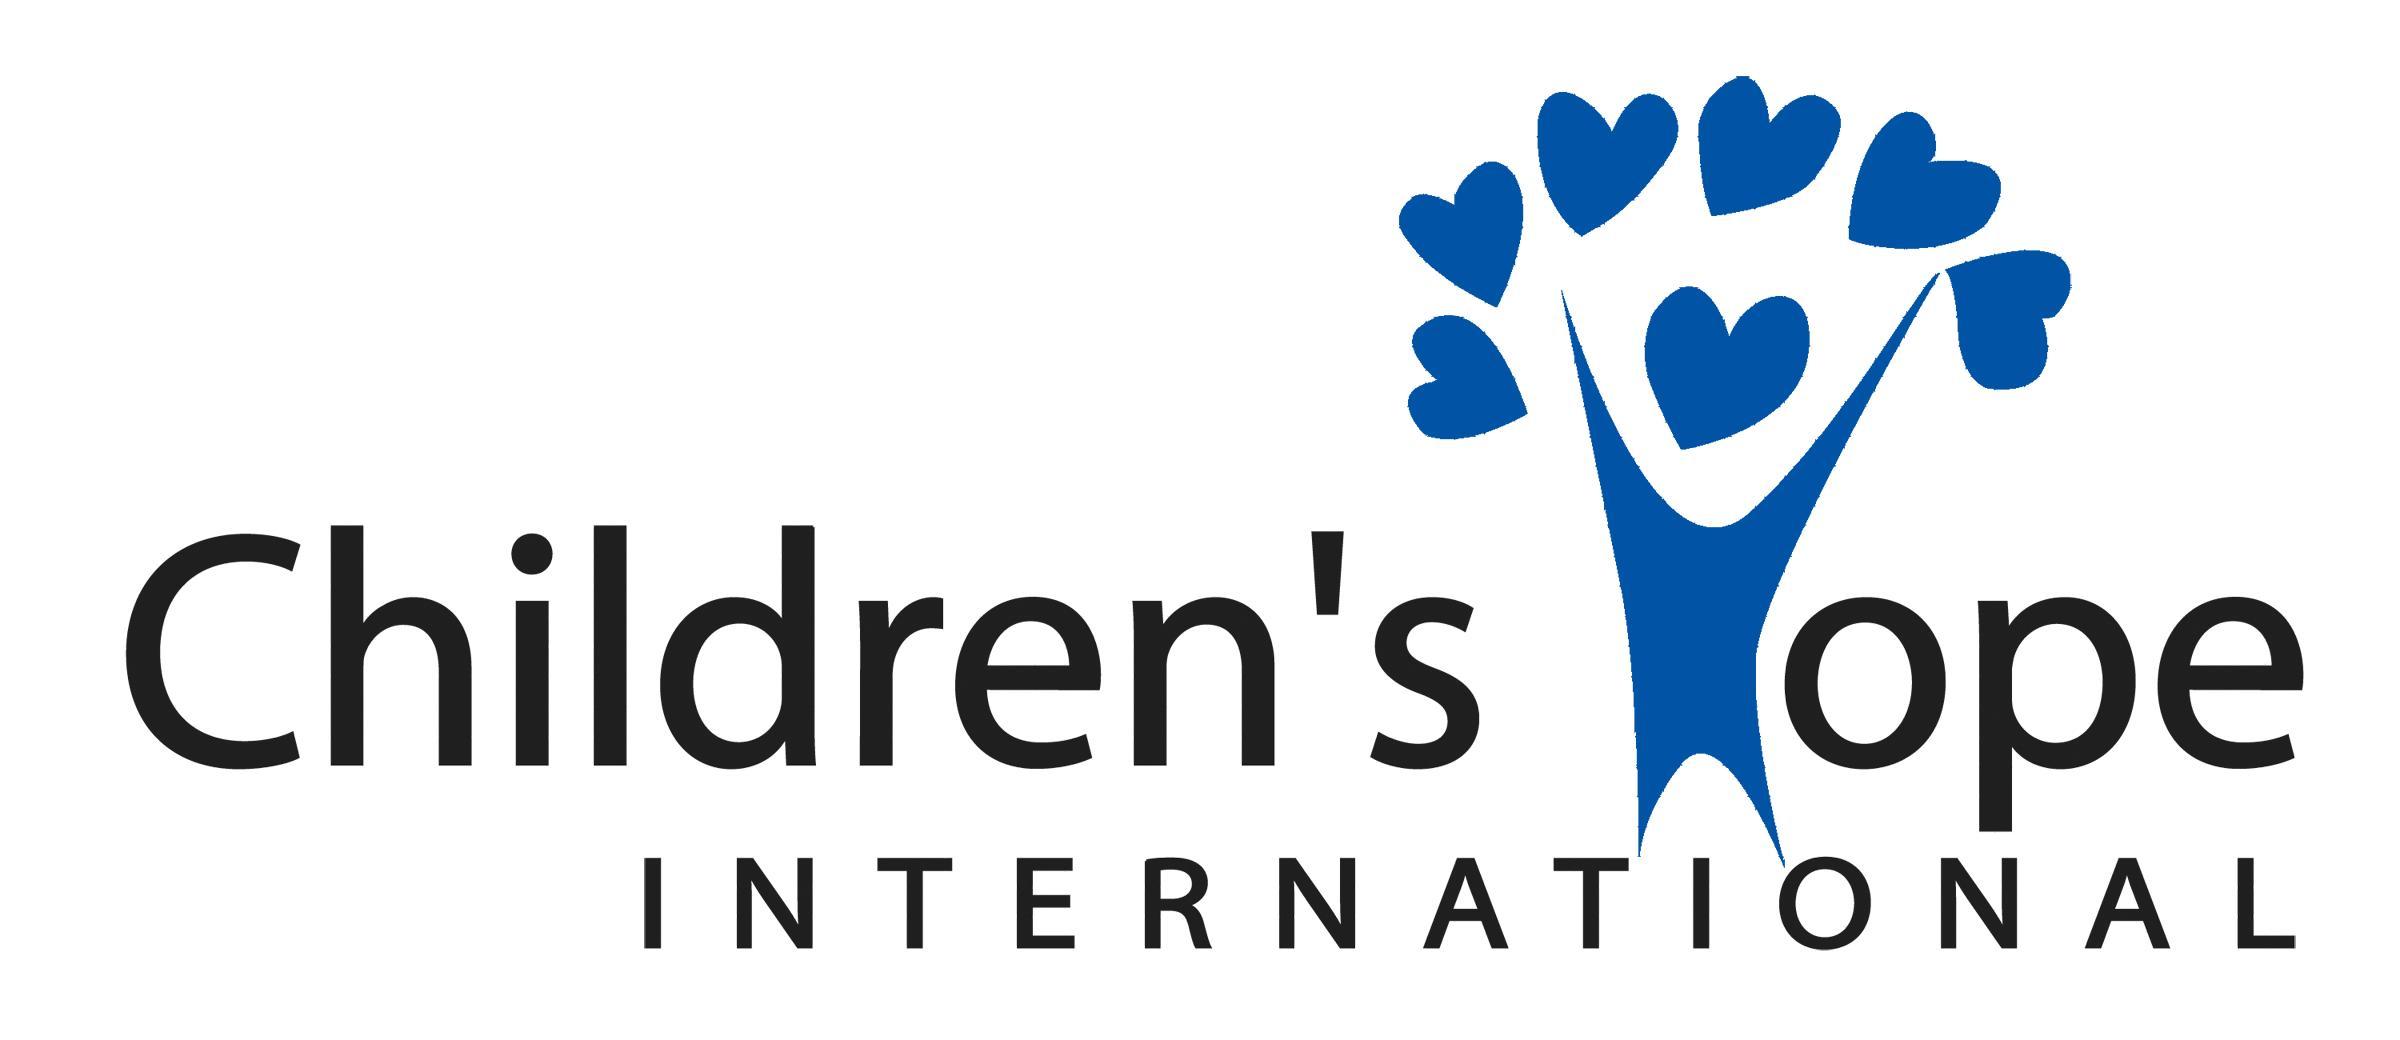 Children's Hope International